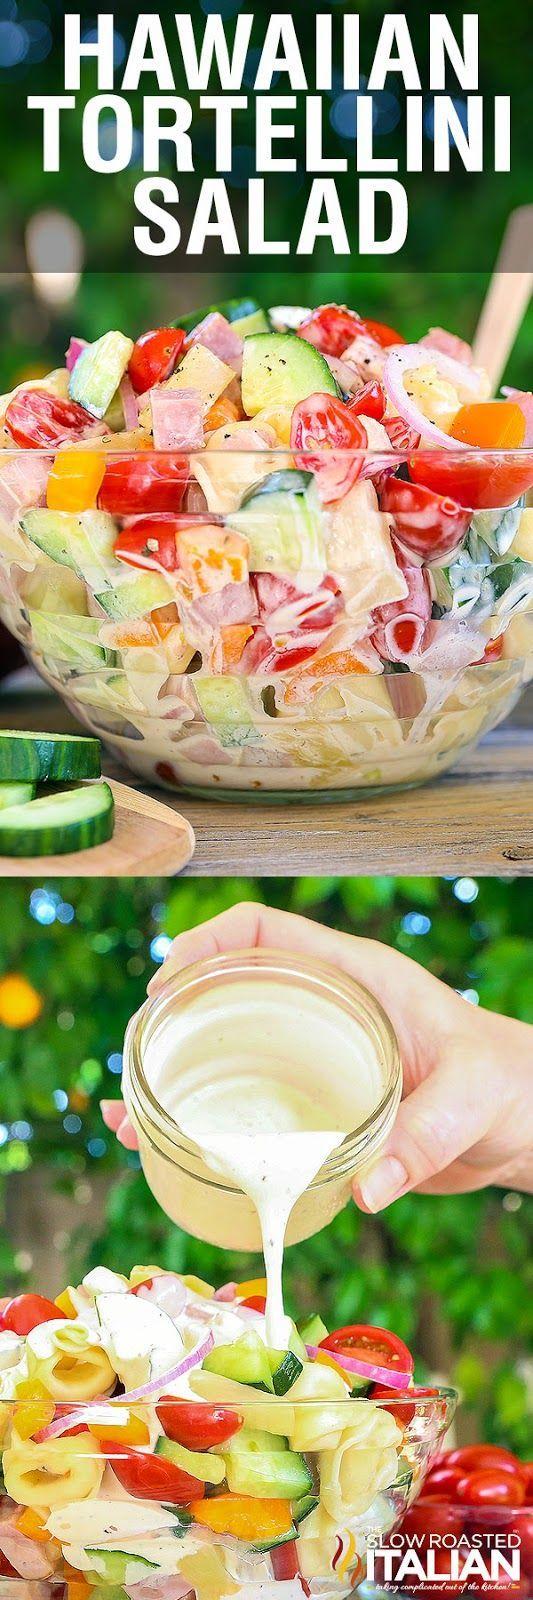 Completa la decoración de tu fiesta luau con este tip. Utiliza fruta y comida para crear una mesa de colores exóticos. #fiesta #hawaiana